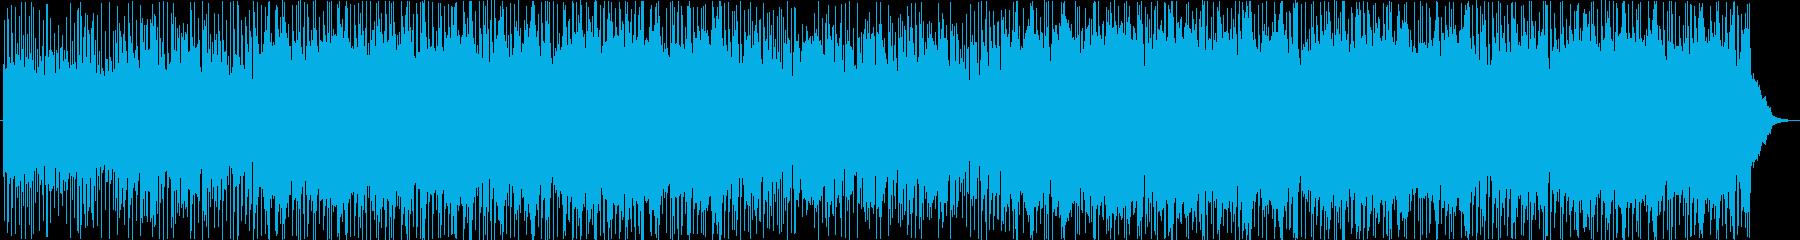 ピアノドキュメンタリートラックの再生済みの波形